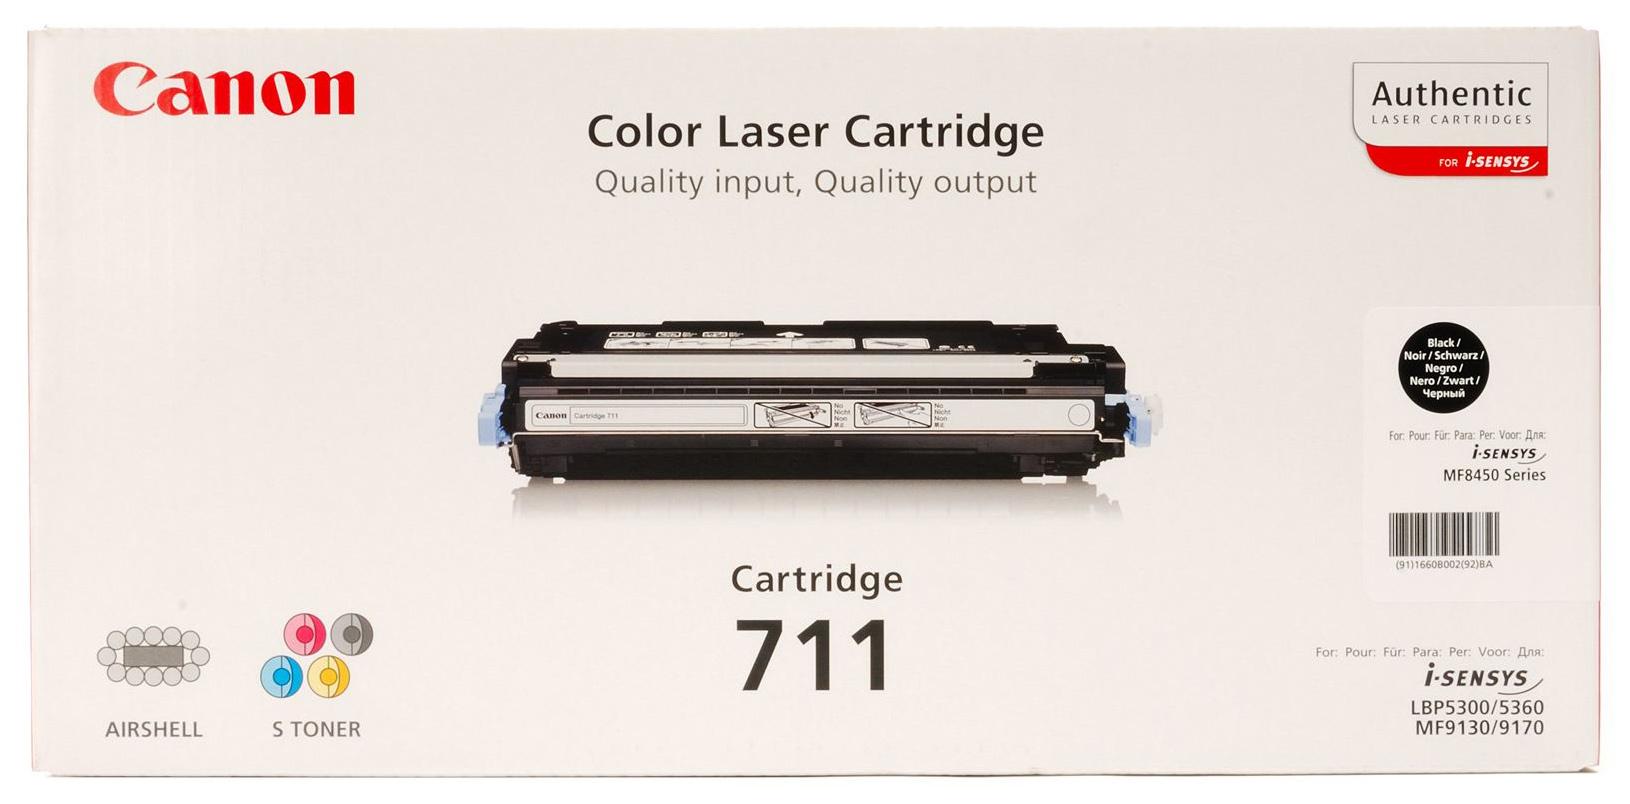 Картридж Canon 711 для Canon LBP5300 черный 6000стр  - купить со скидкой